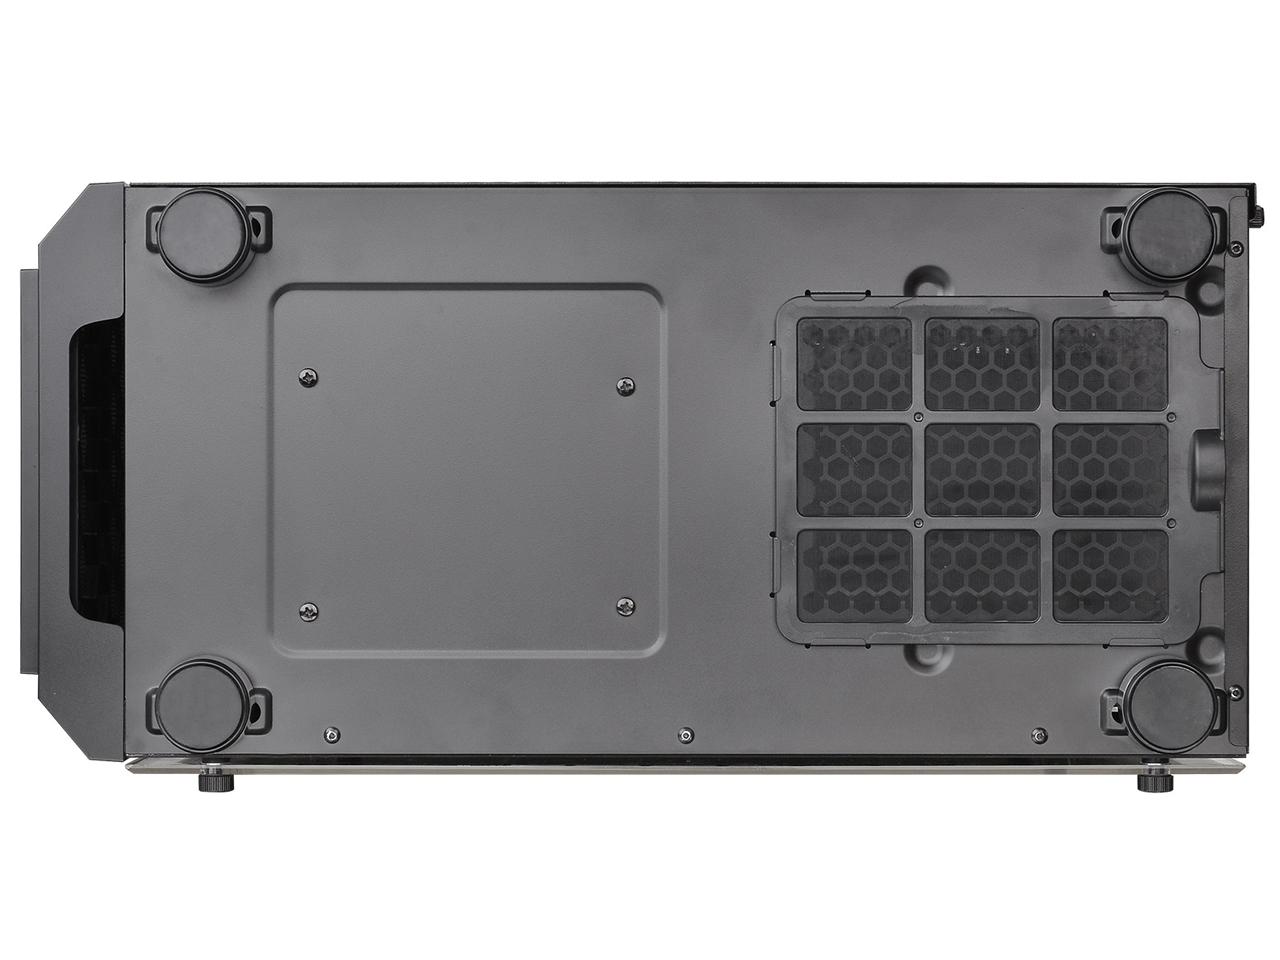 『本体 底面』 Versa H26 Black /w casefan CA-1J5-00M1WN-01 [ブラック] の製品画像